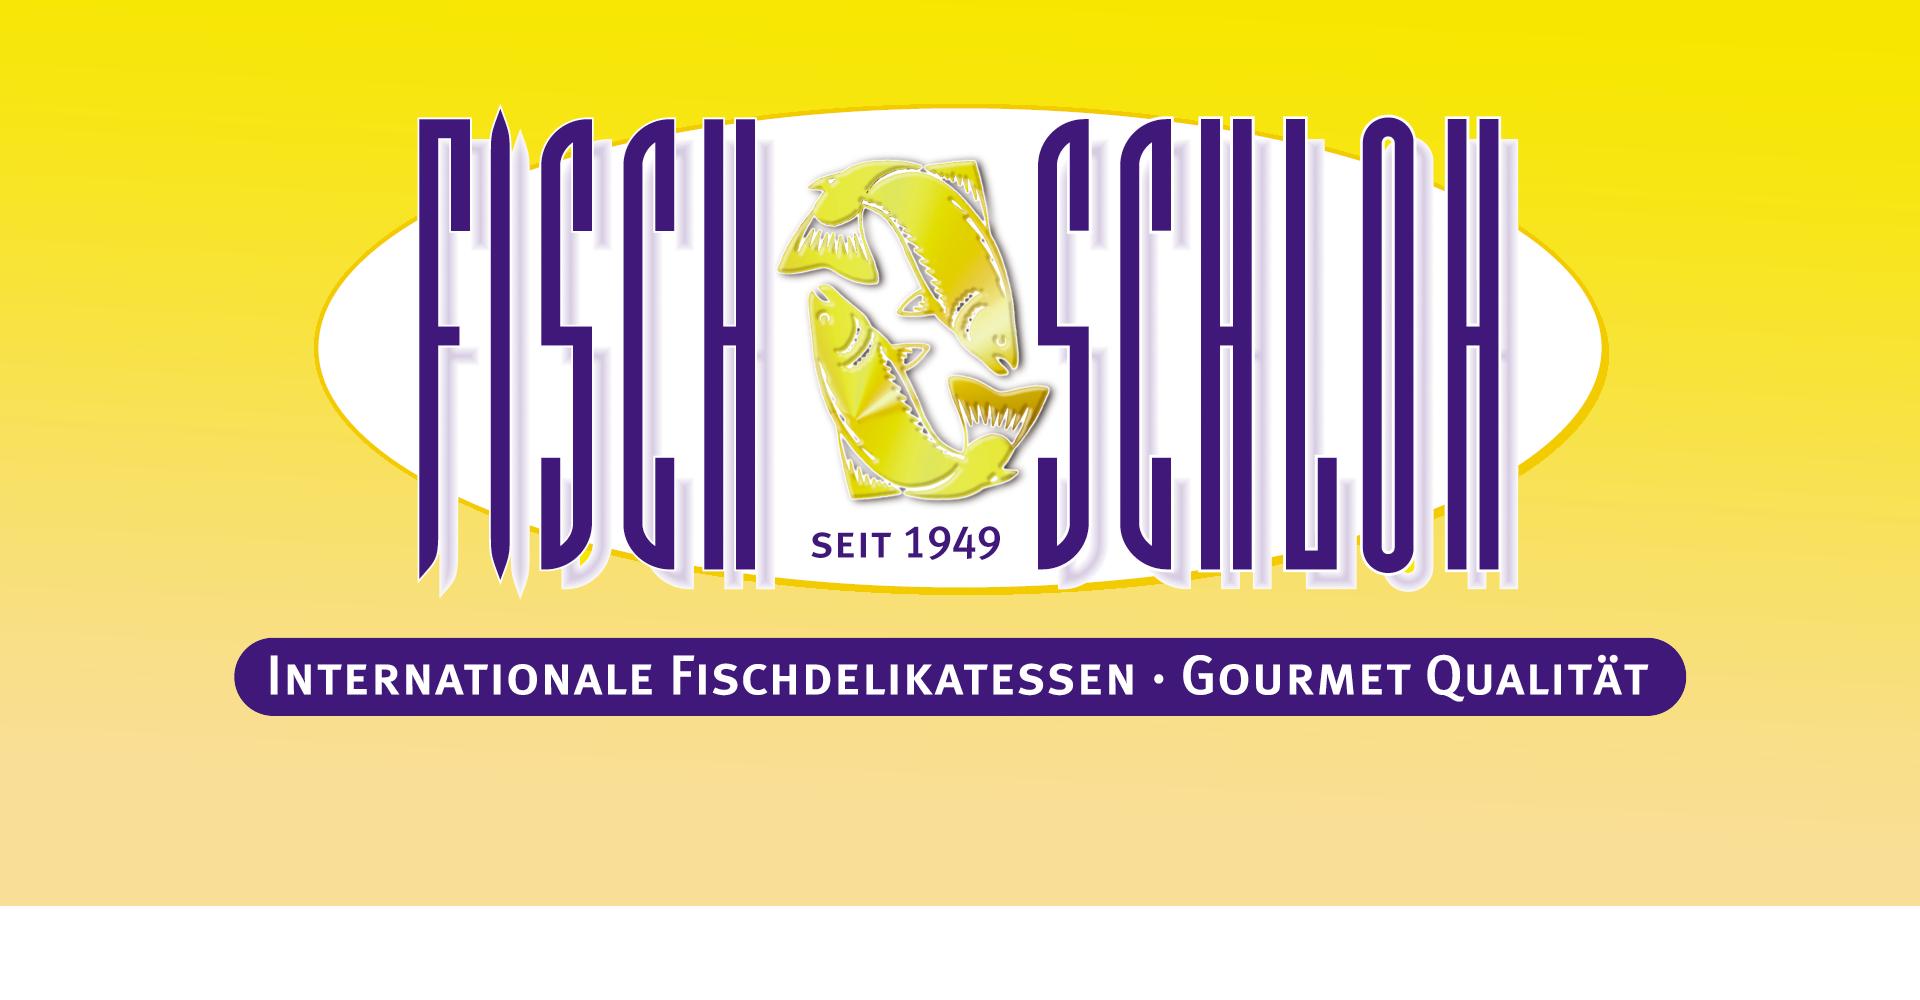 Fisch Schloh GmbH –Fischdelikatessen –Slider Title